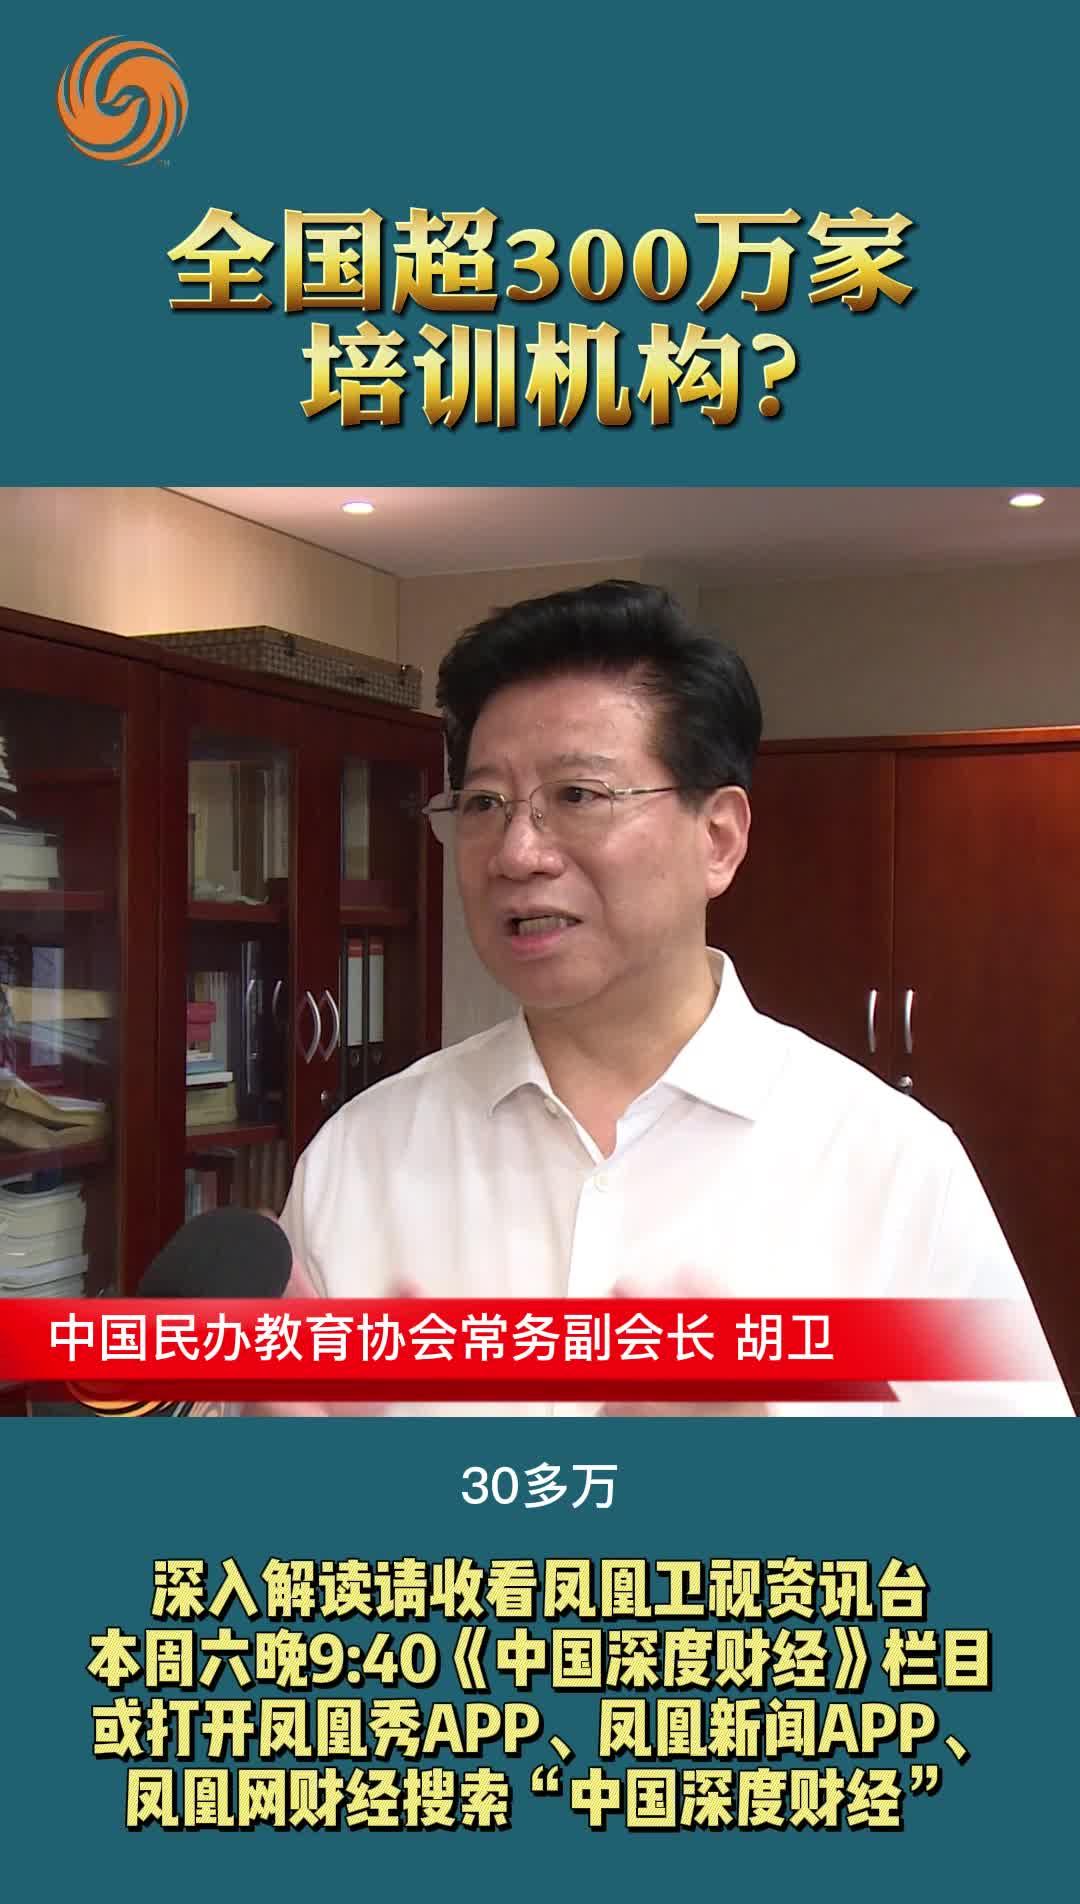 中国民办教育协会常务副会长 胡卫:全国超300万家培训机构?